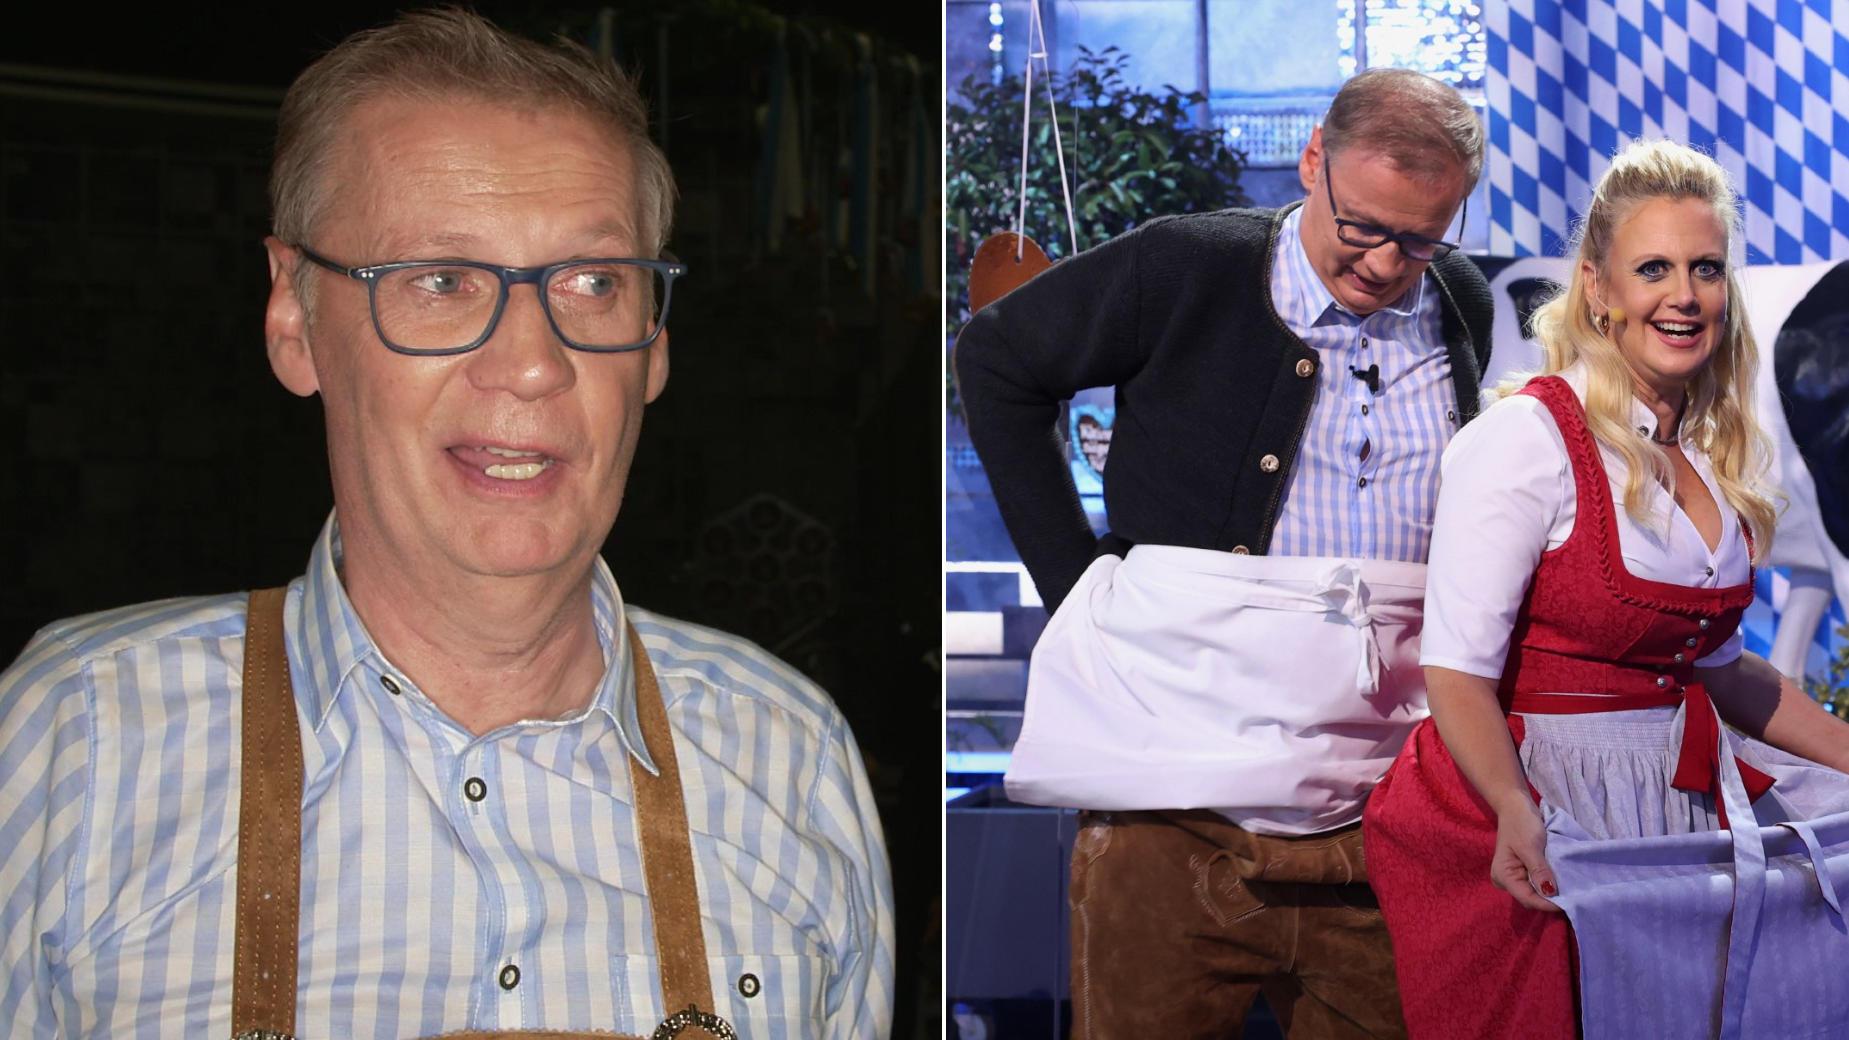 Hosen-Panne bei Günther Jauch: So ging es nach seinem Hintern-Blitzer weiter